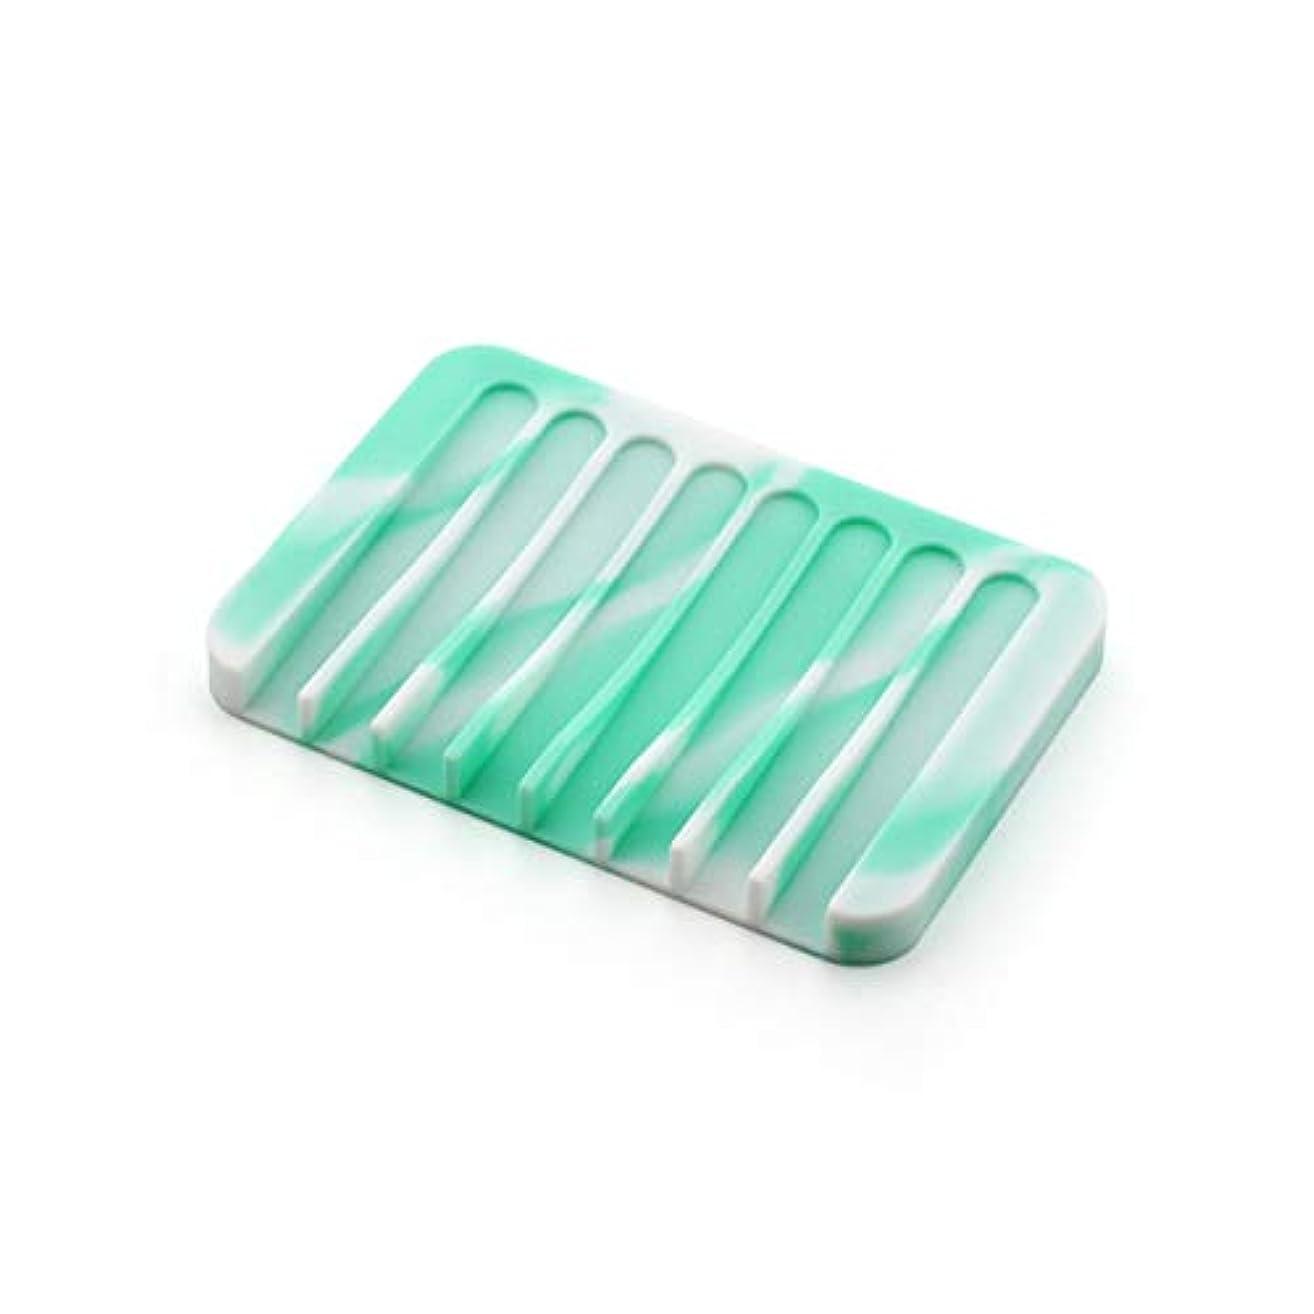 活気づけるナイロンハチZALING 1ピース浴室キッチンフレキシブルシリコンソープディッシュアンチスリップソープボックストレイプレートミントホワイト